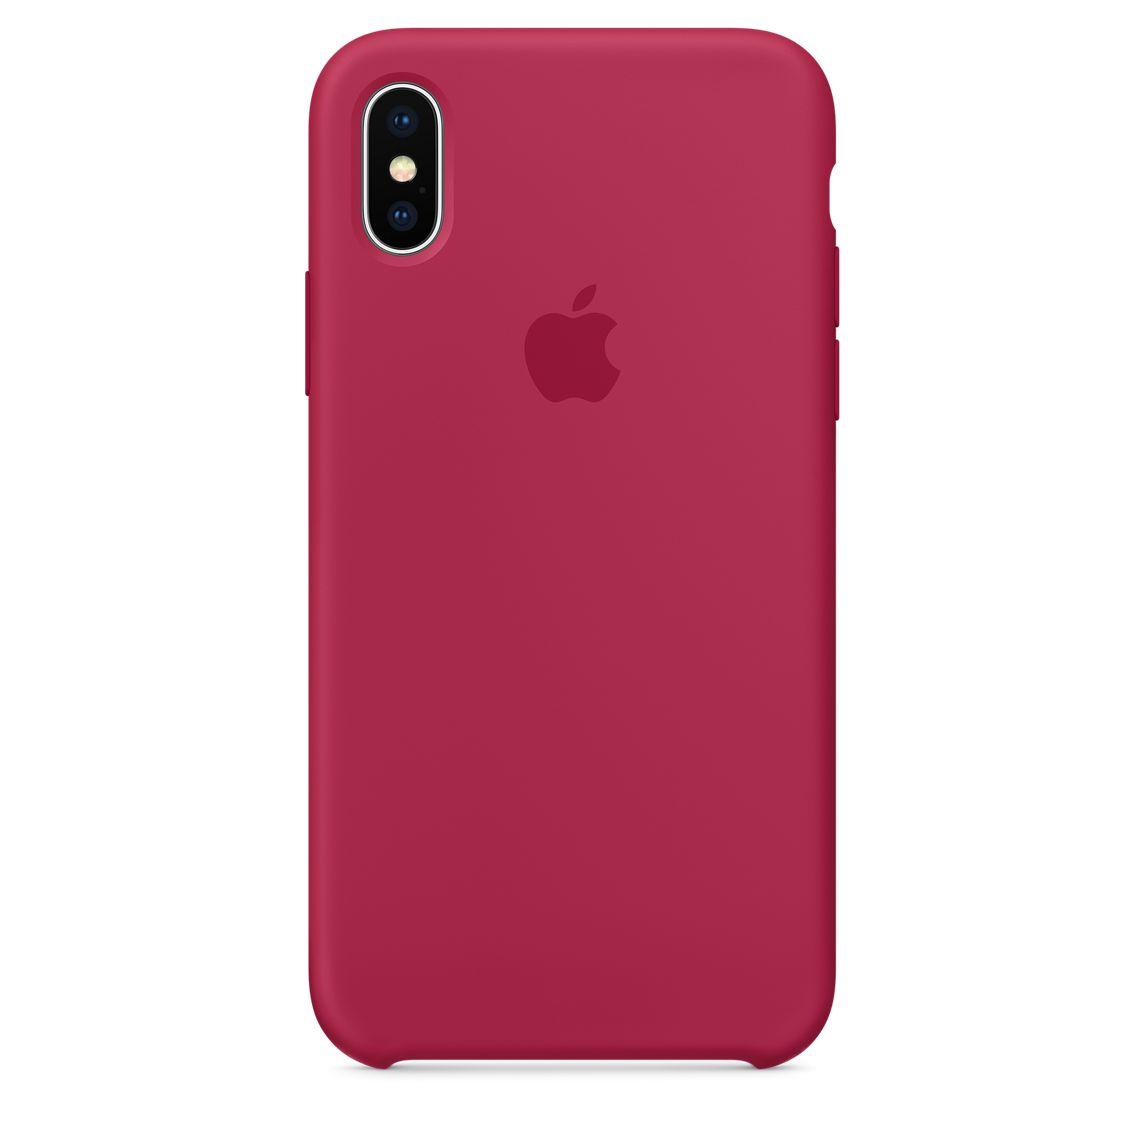 Original apple earphones iphone x - red earphones iphone